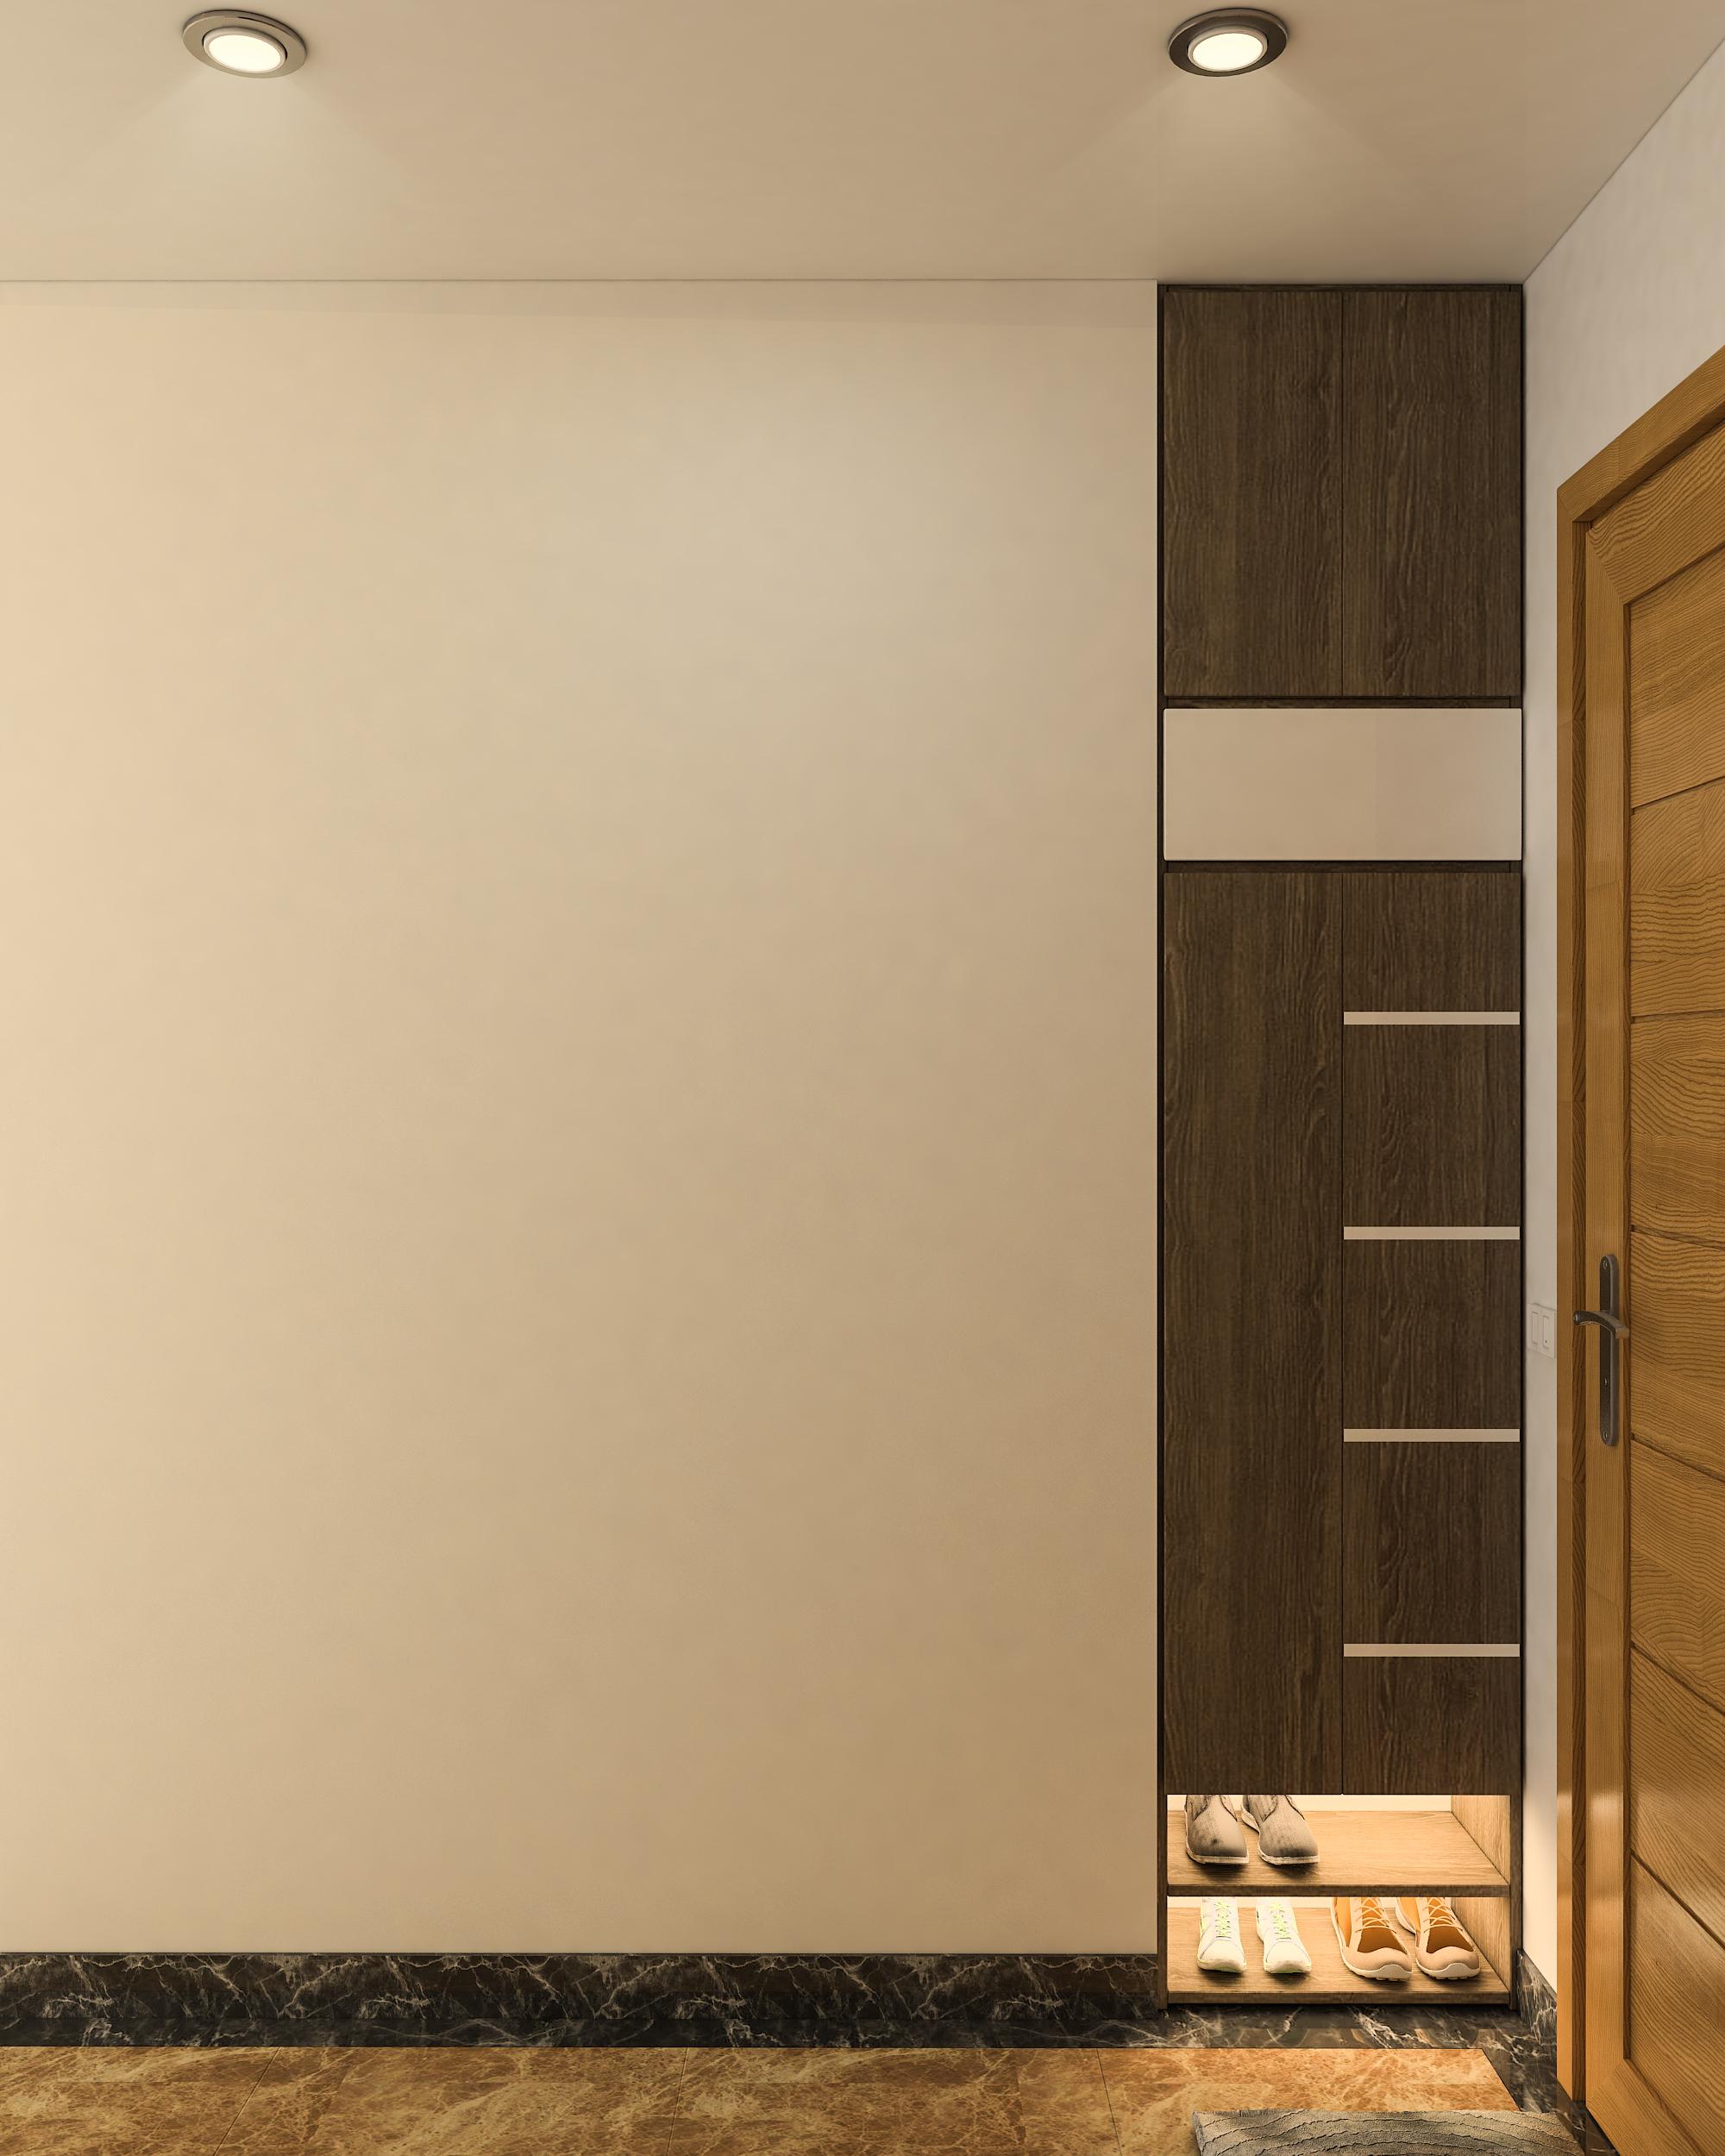 thiết kế nội thất chung cư tại Hà Nội Nội thất golden west 16 1533866929